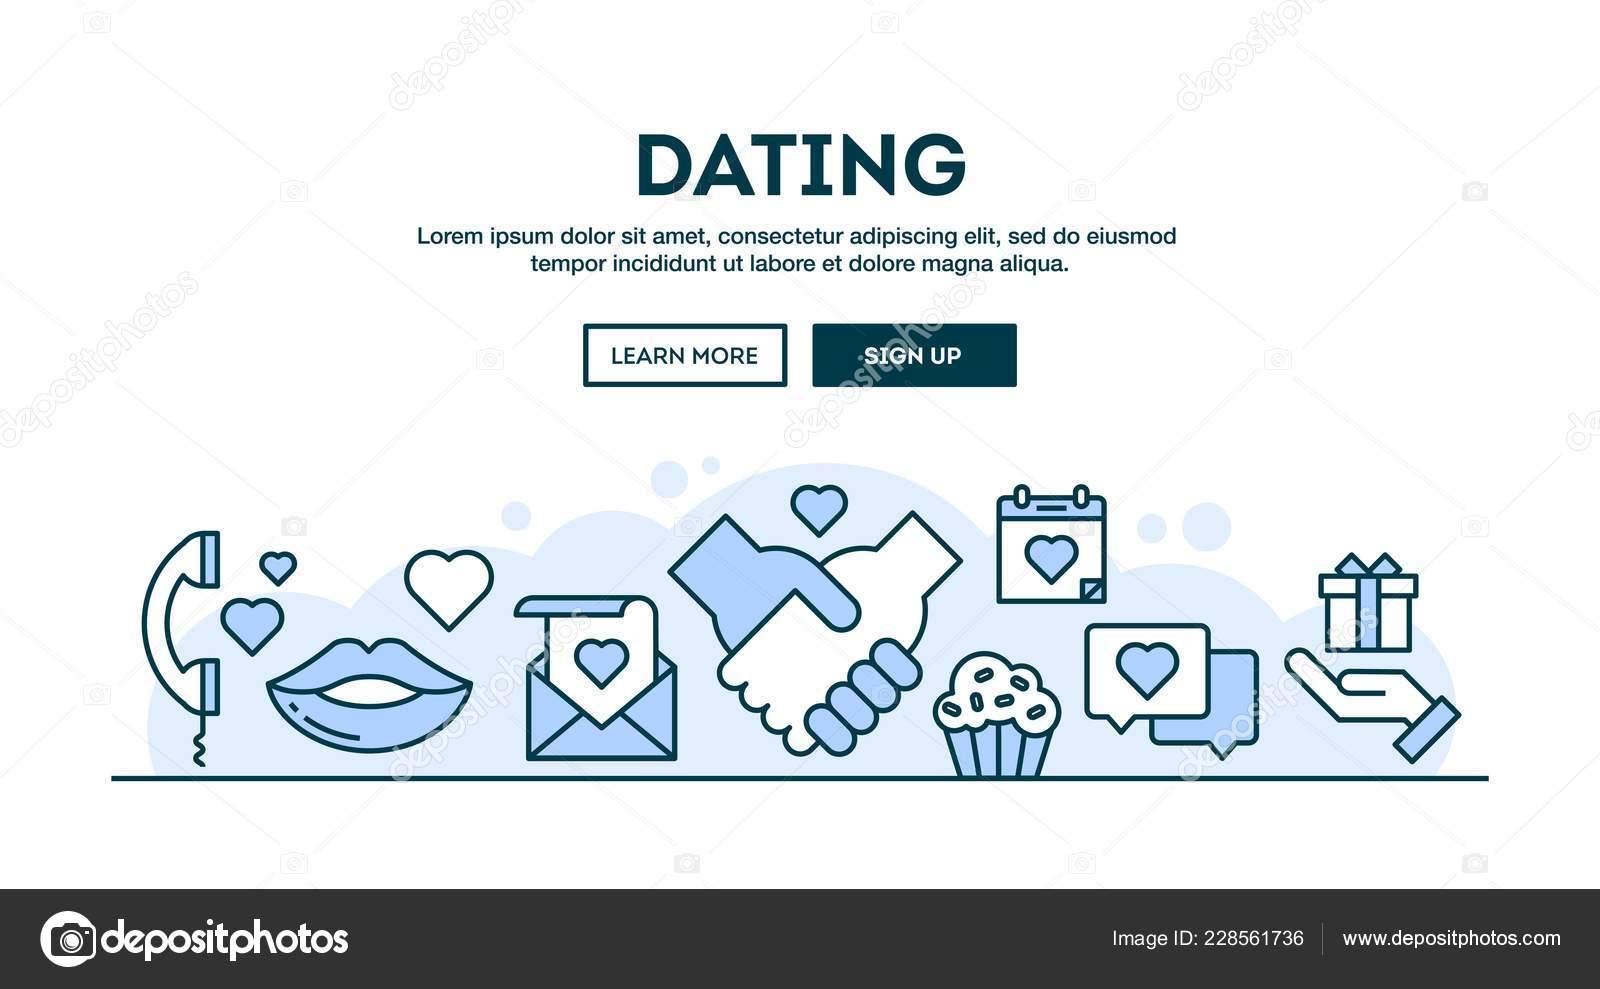 randki online lorem ipsum znaczenie pierwszej bazy druga baza trzeciej bazy datowanie